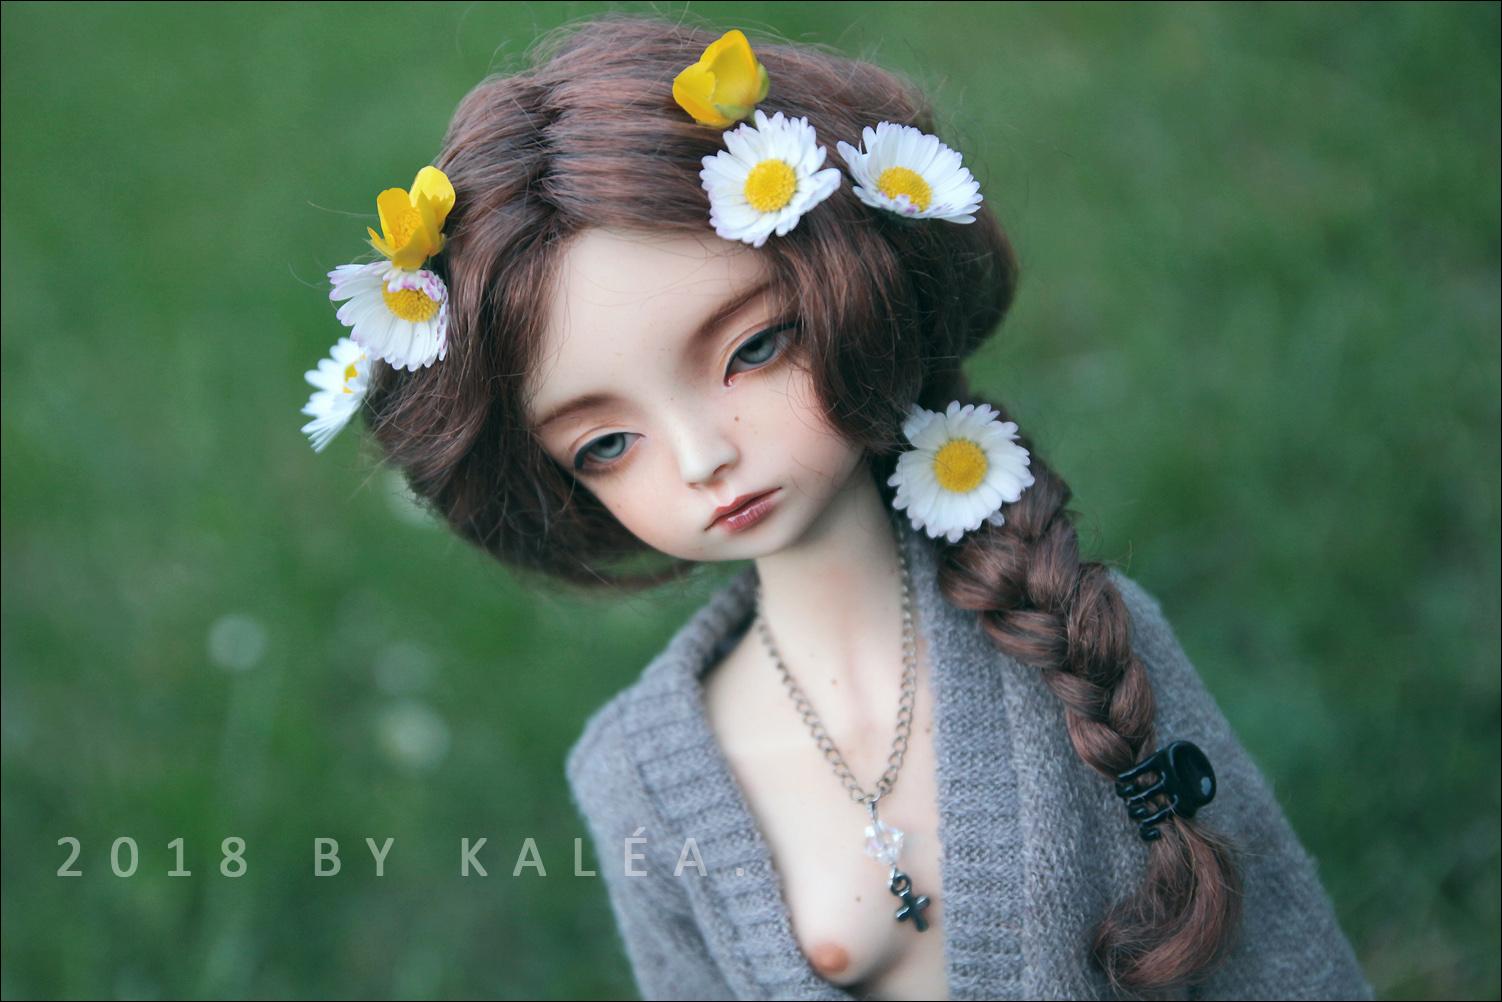 [22.02.20] DL Betty - Jeune fille en fleur - P22 - Page 11 180426025658665948